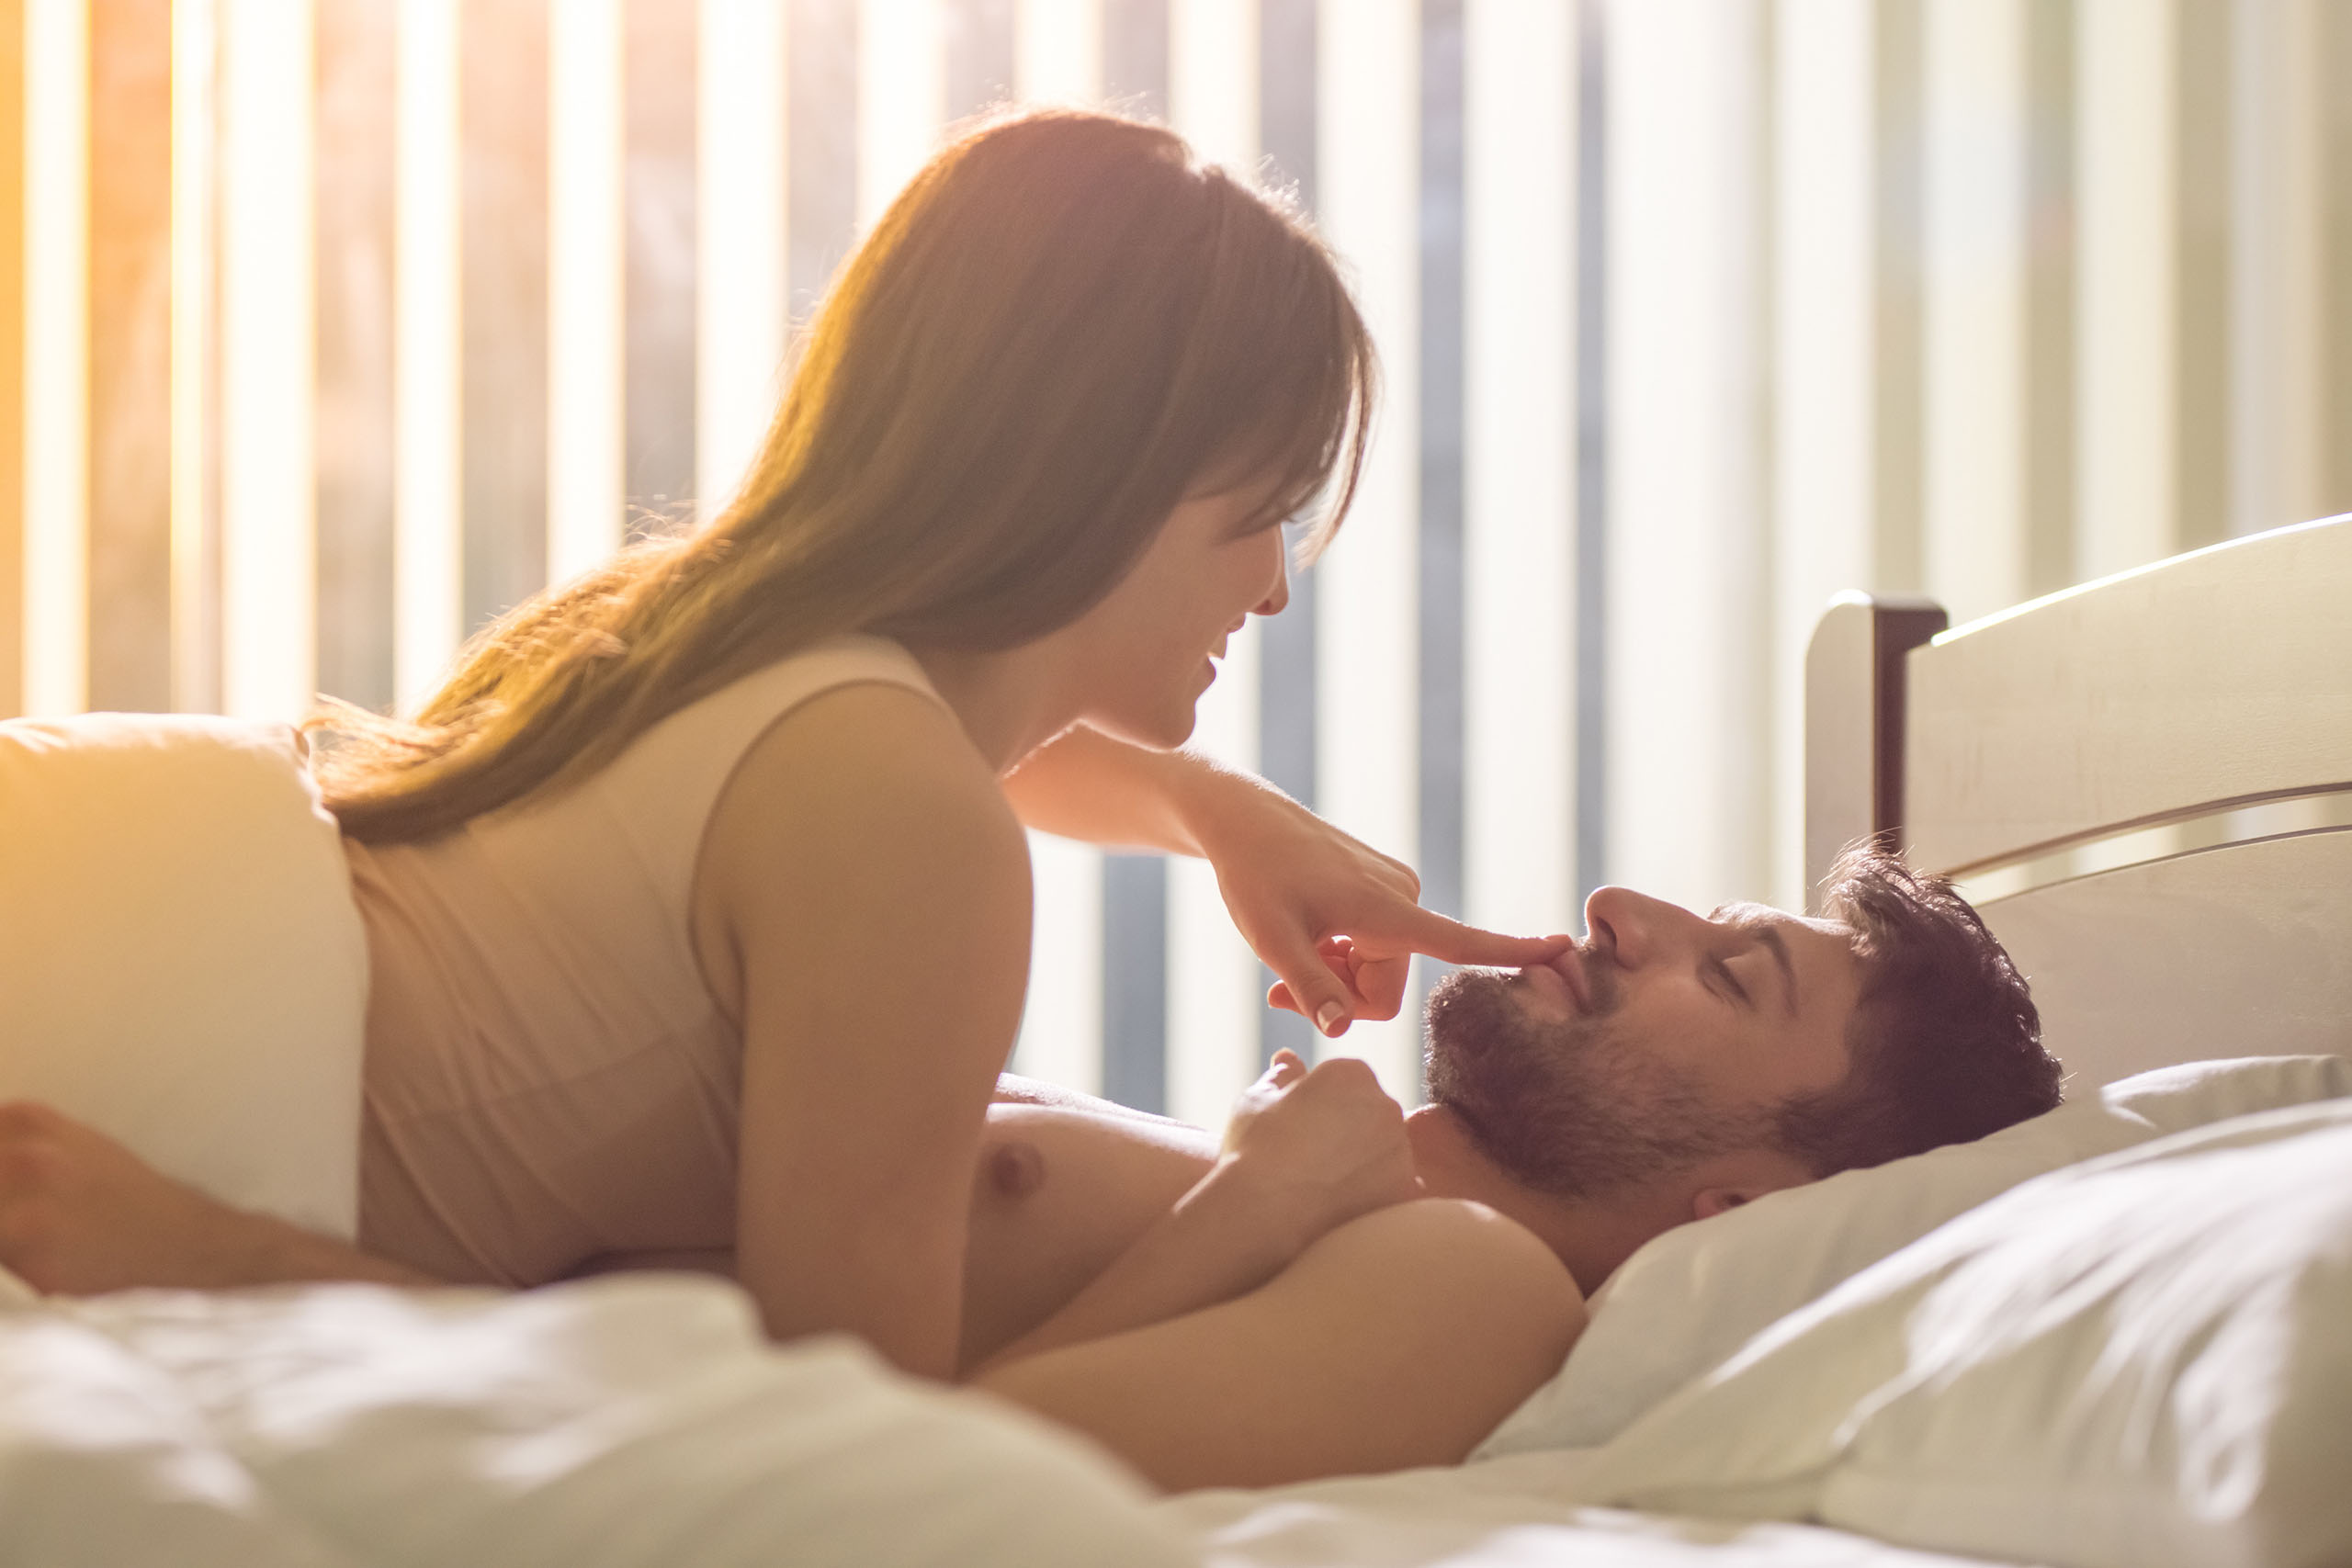 Ako ho chcete, aby si viac ako sex